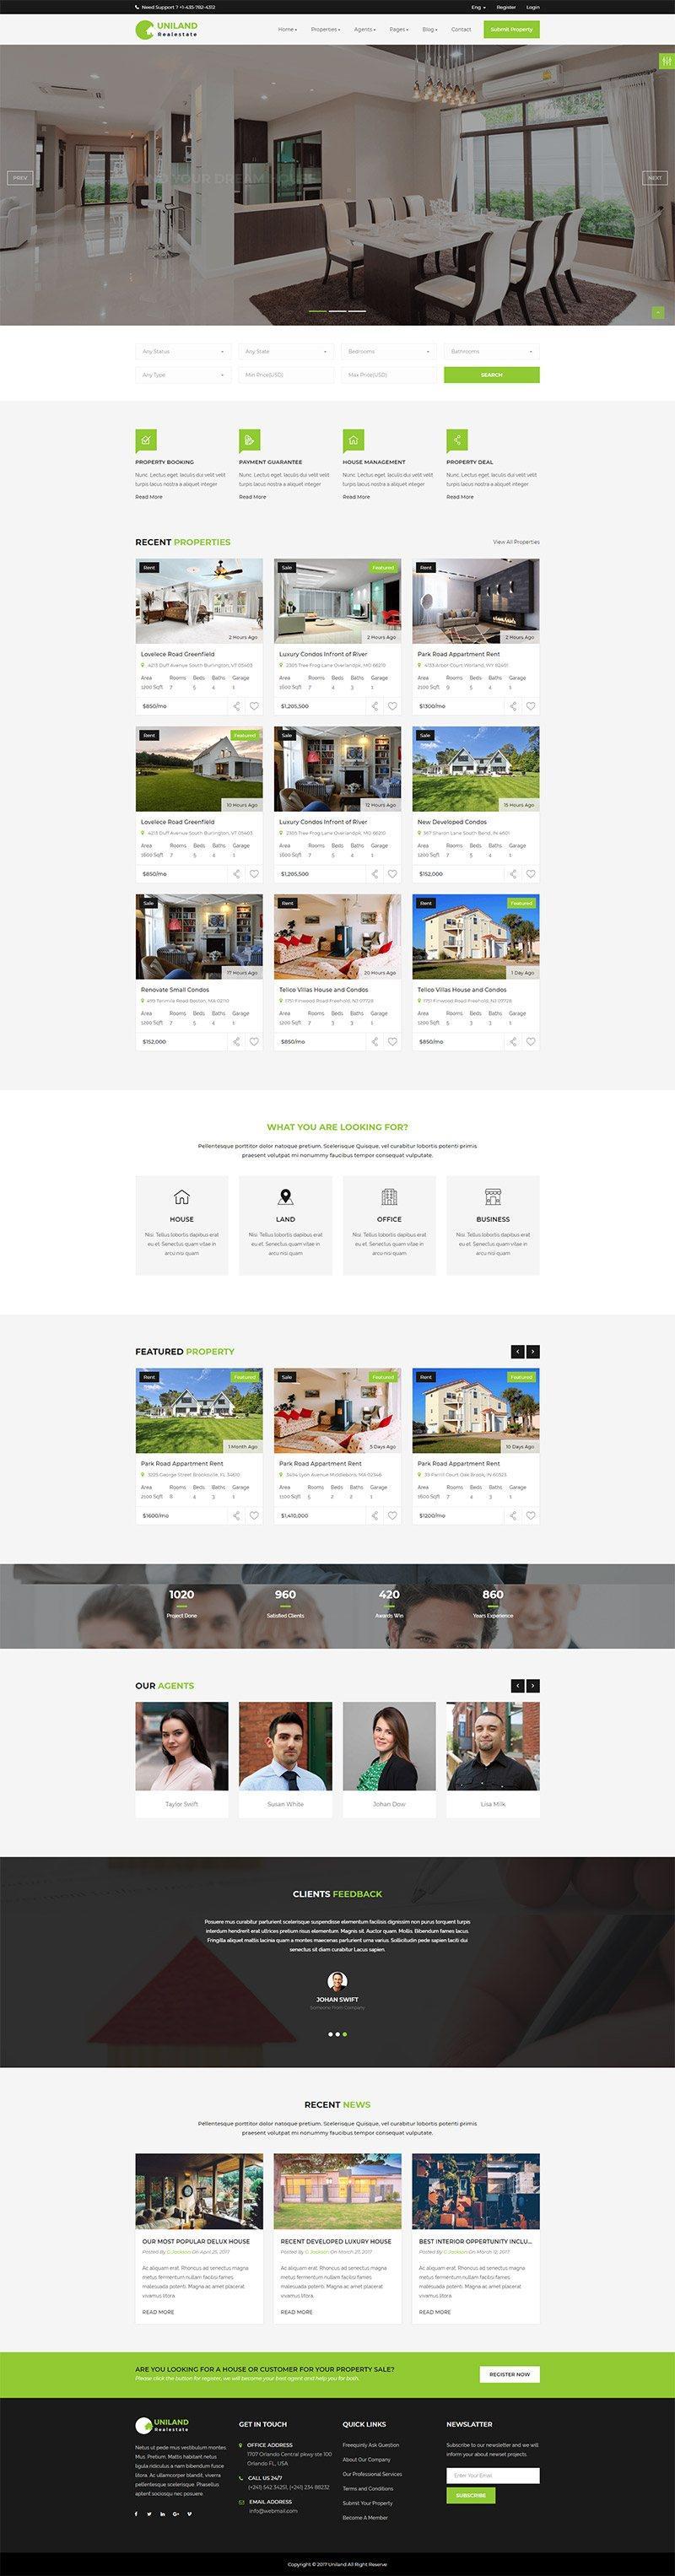 Giao diện website bất động sản Uniland